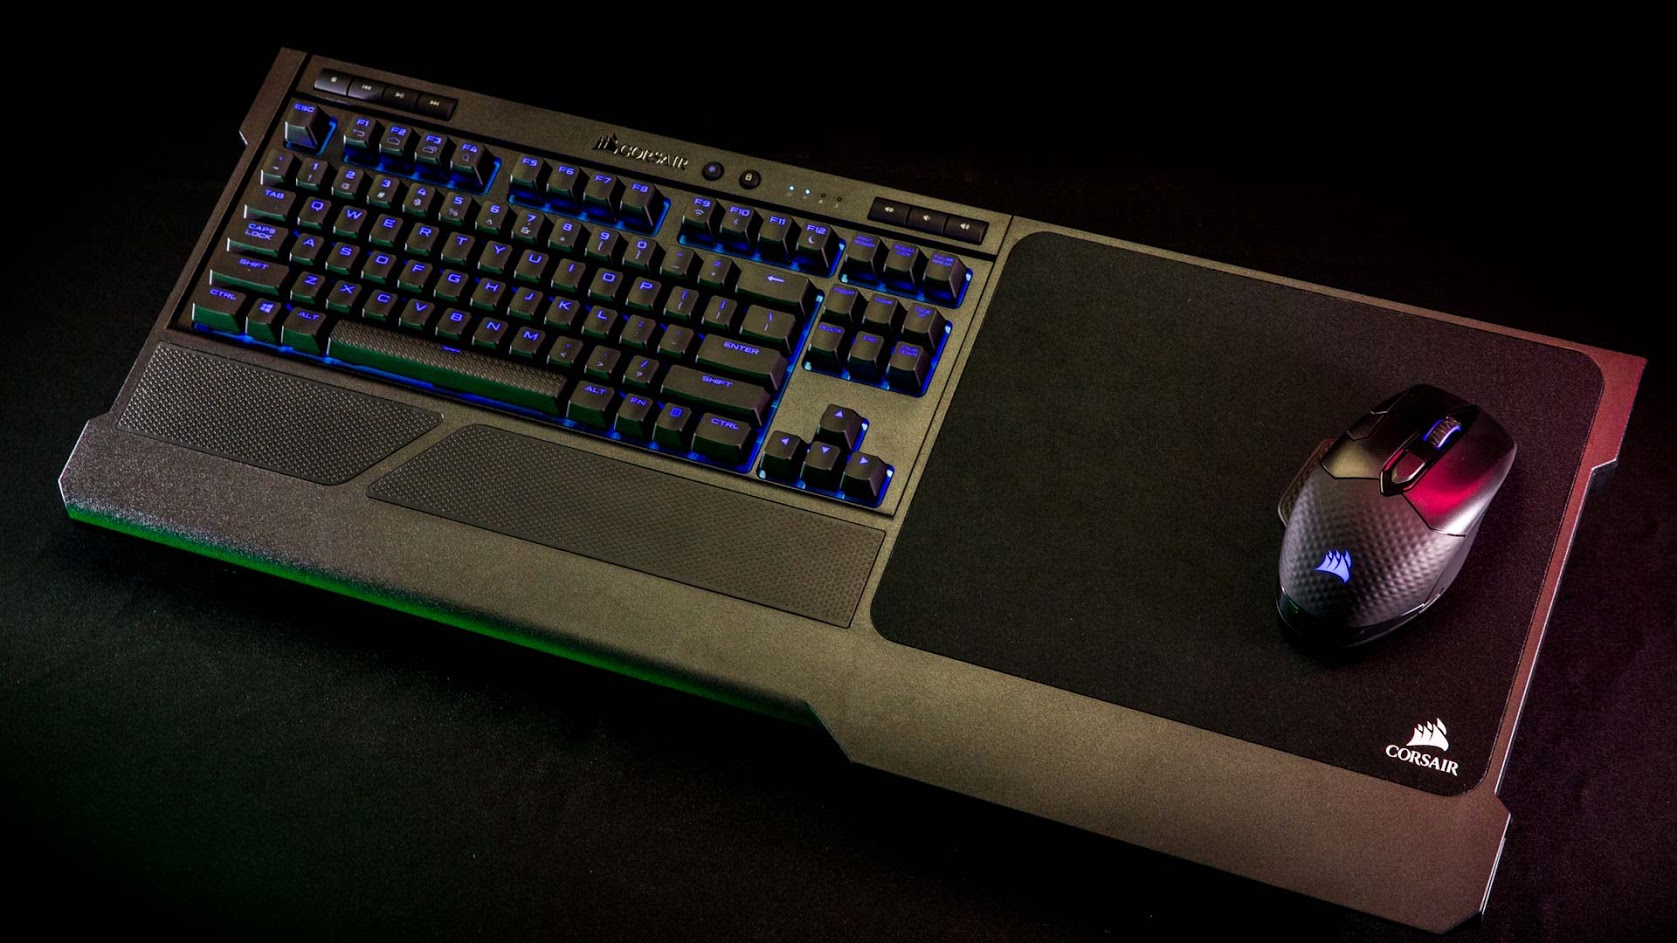 Corsair Lap Desk-14